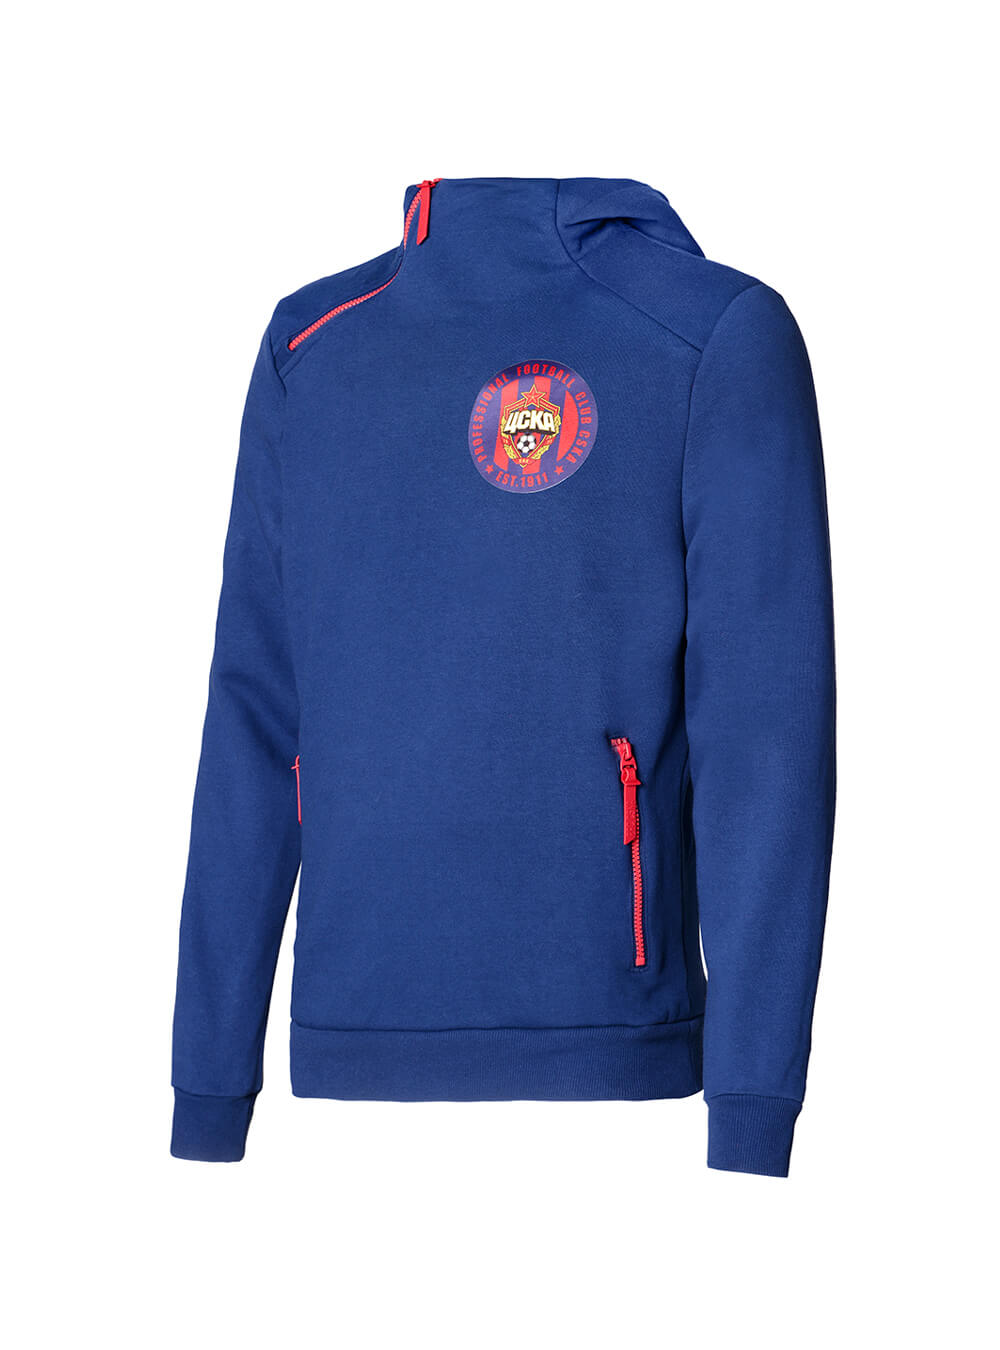 Купить Толстовка на молнии с капюшоном PFC CSKA est 1911, цвет синий (XXL) по Нижнему Новгороду